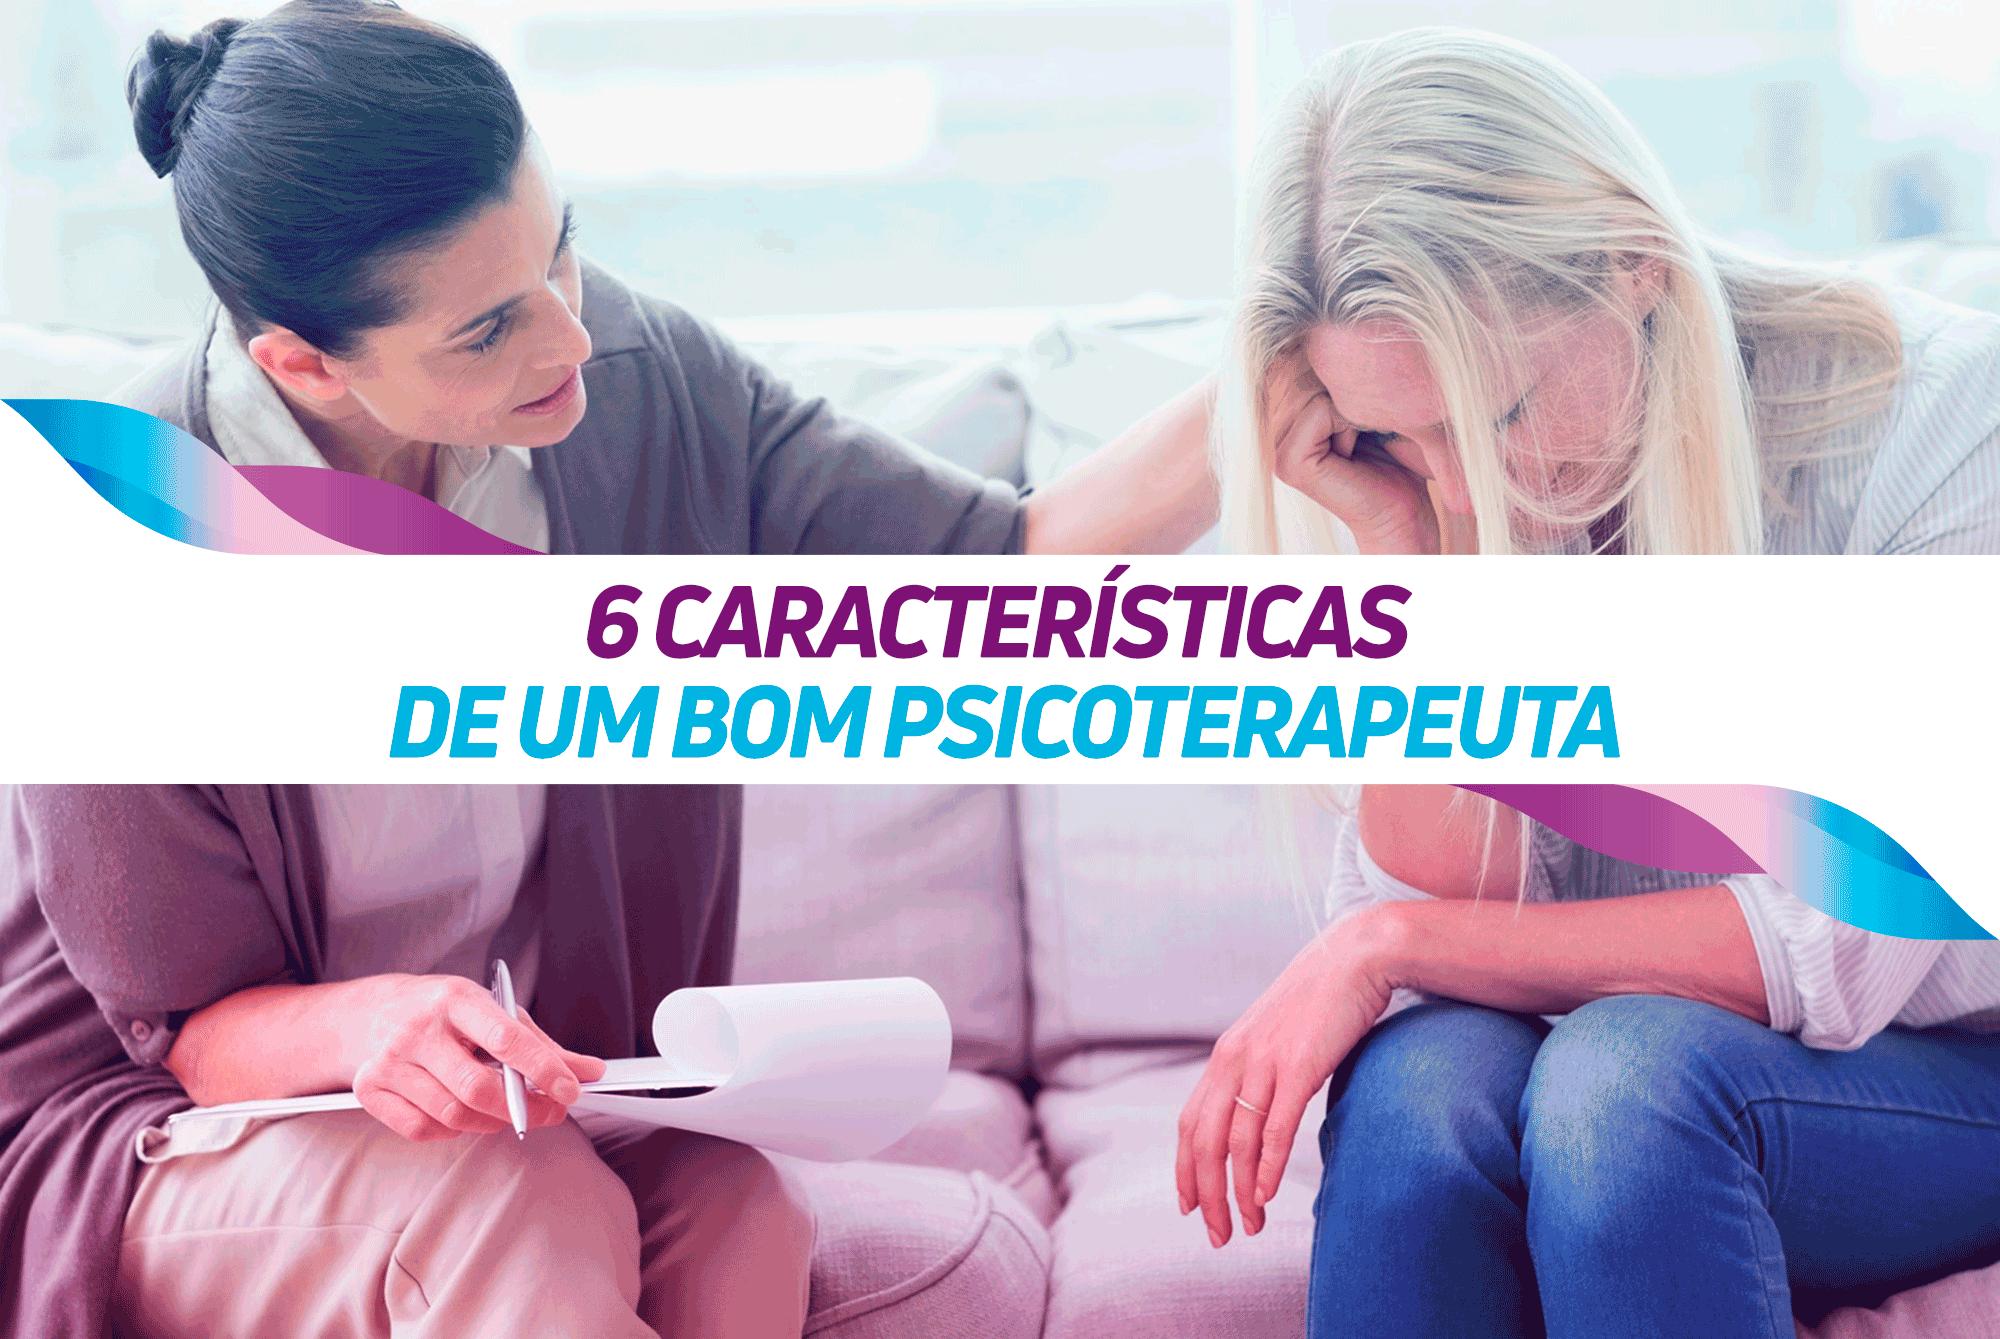 6 CARACTERÍSTICAS DE UM BOM PSICOTERAPEUTA